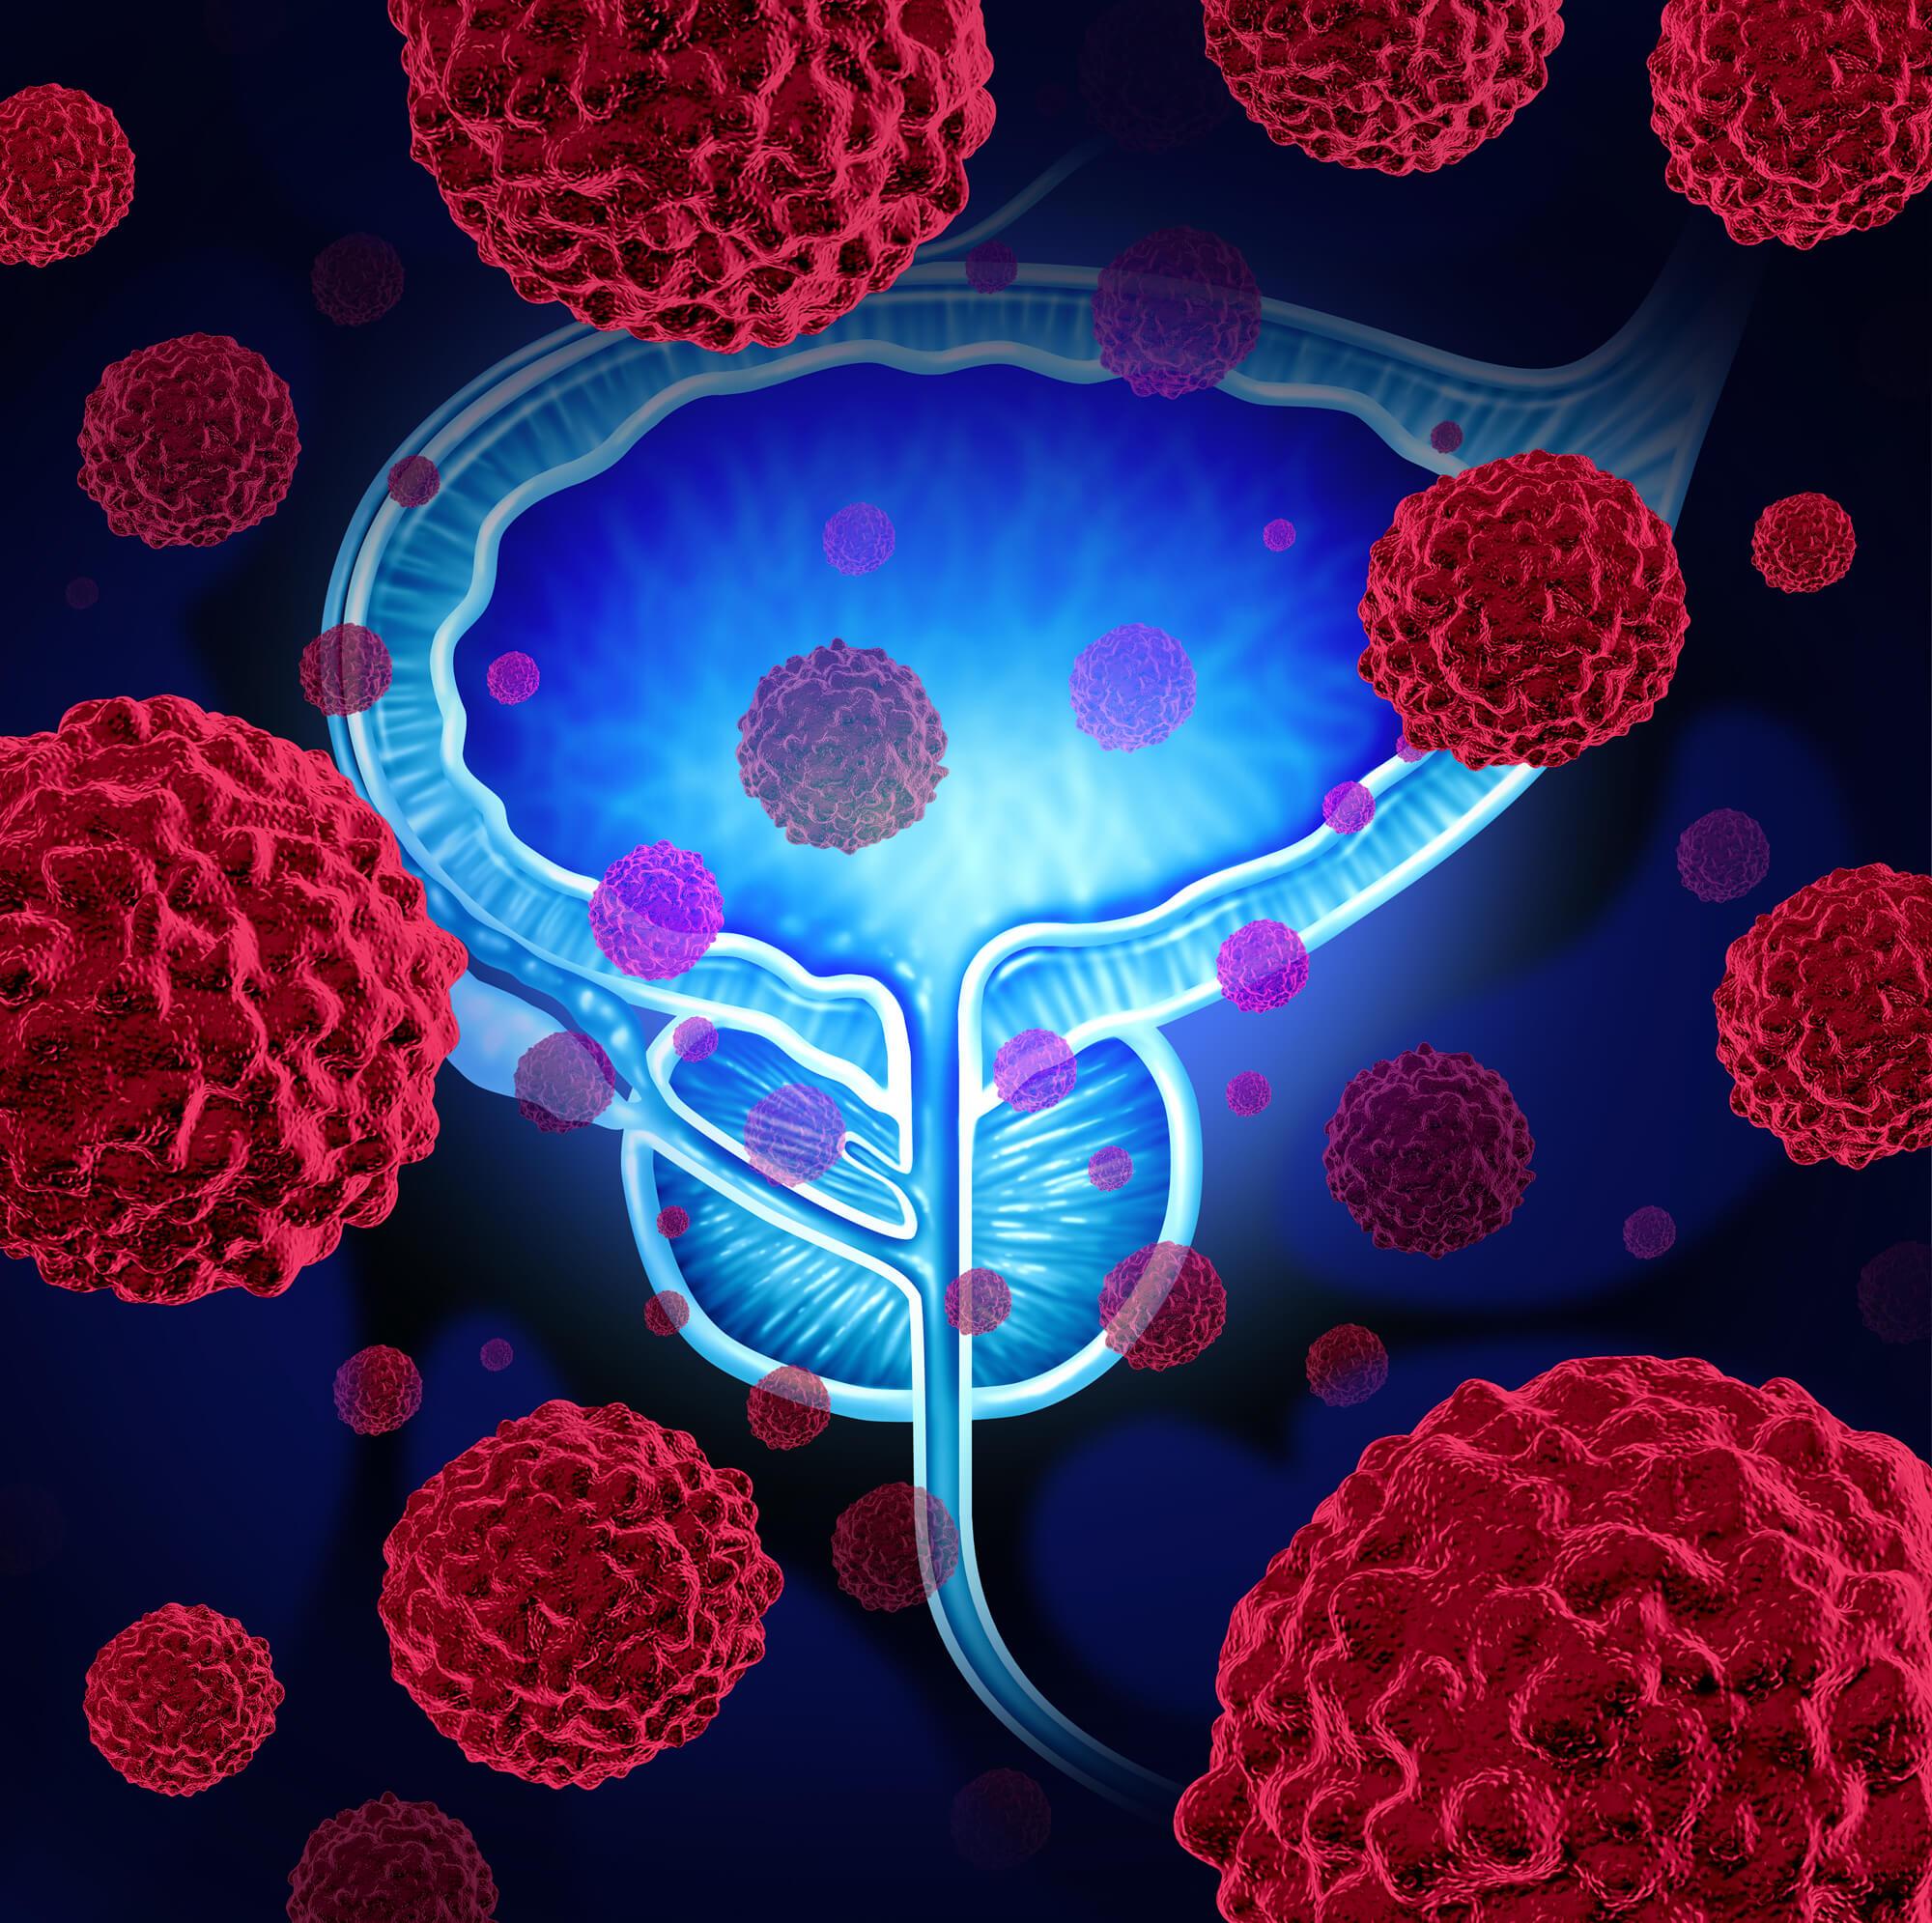 Cáncer de Próstata y la importancia de la detección oportuna